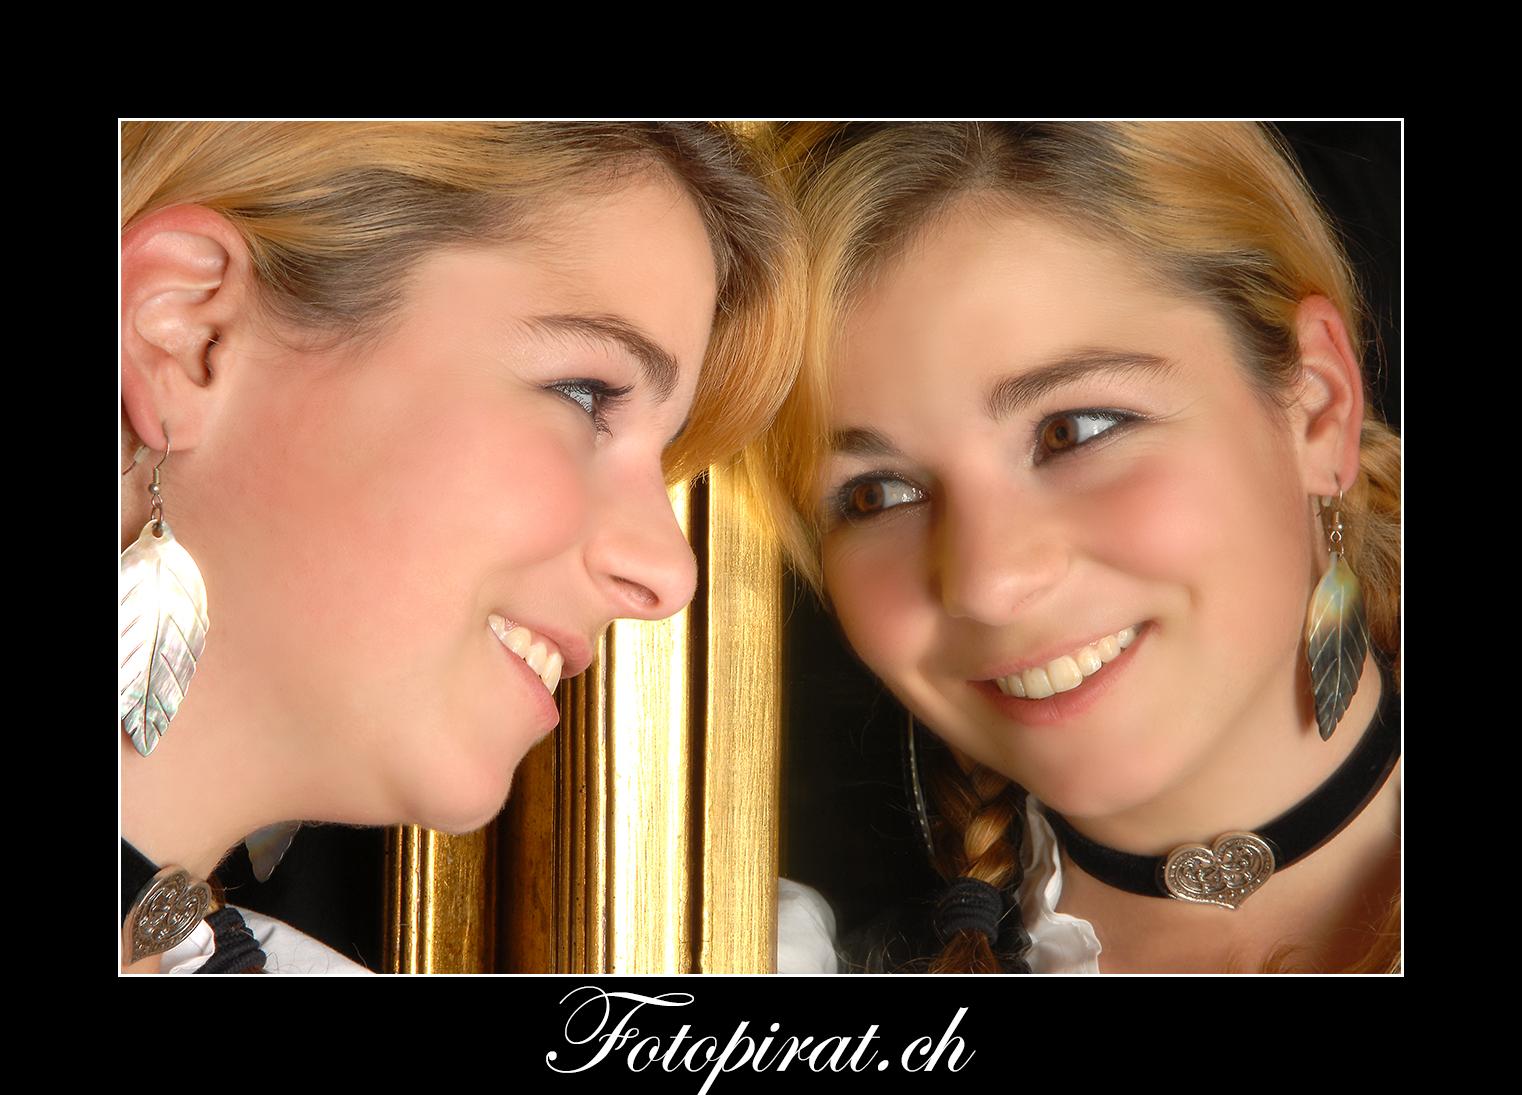 Fotoshooting, On Location, Spiegel, Modelagentur, Fotomodel, schöne Augen